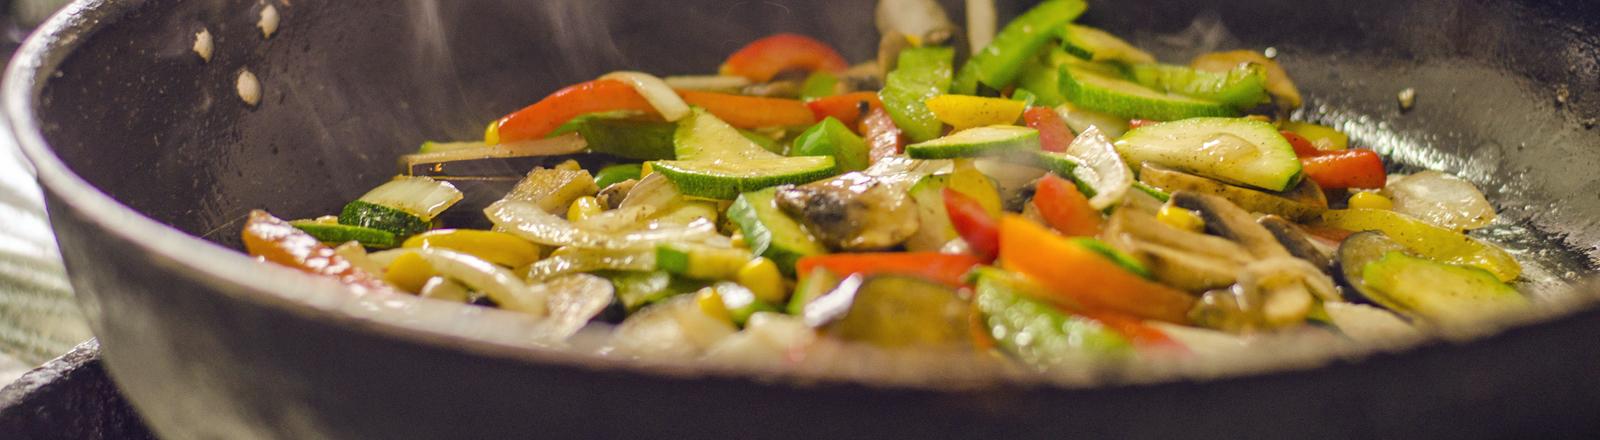 In einer Pfanne brutzelt Gemüse.